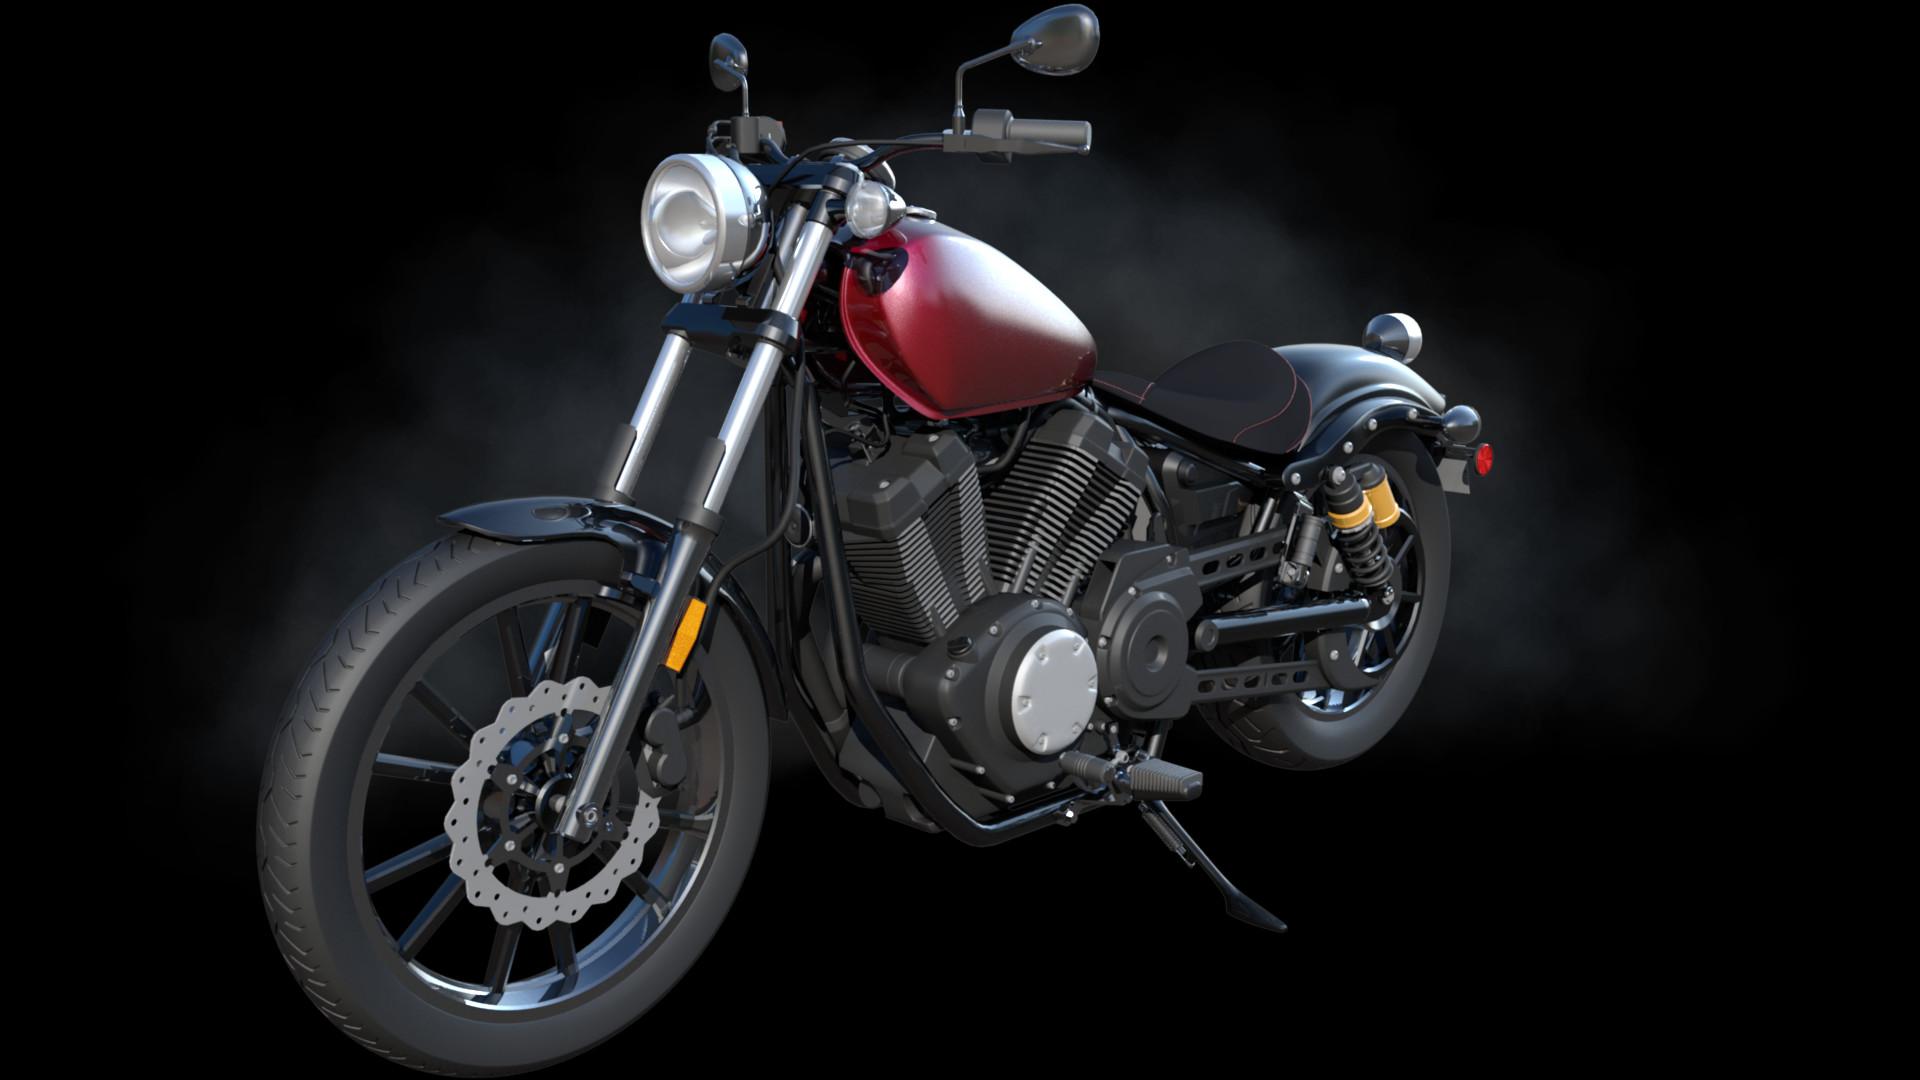 Alexander szopinski motorcycle edit 2